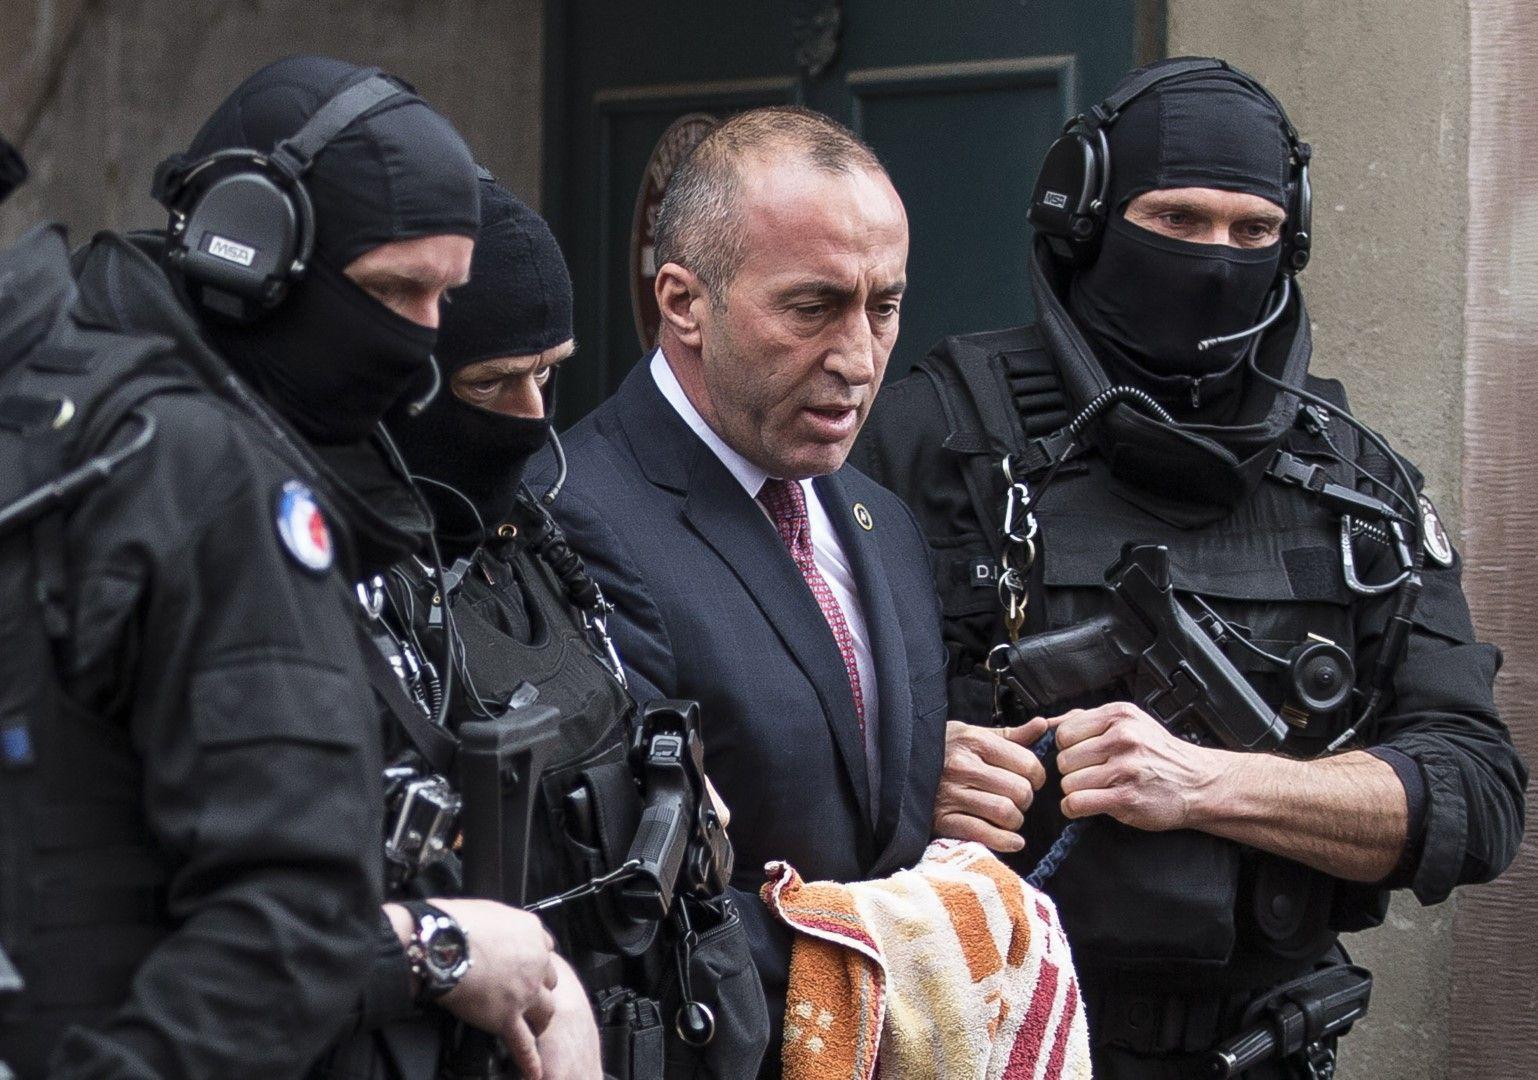 Бившият премиер на Косово Рамуш Харадинай напуска съдебната зала във френския град Колмар, ескортиран от маскирани полицаи, 12 януари, 2017 г.